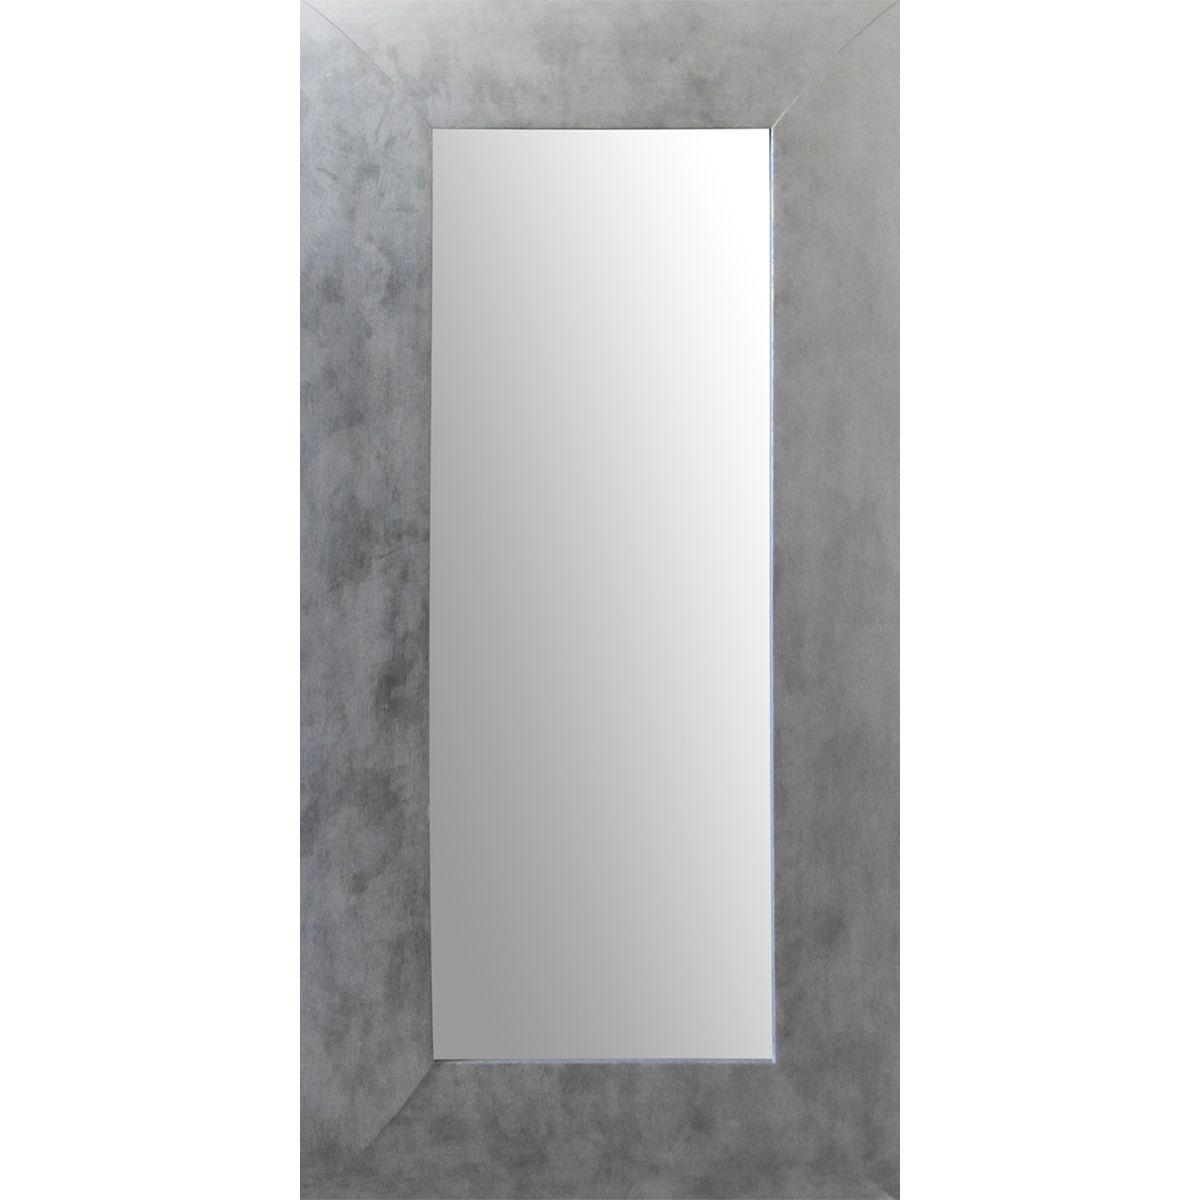 Leroy merlin specchiere bagno specchiera rimini specchiere leroy merlin bagno - Specchiere bagno leroy merlin ...